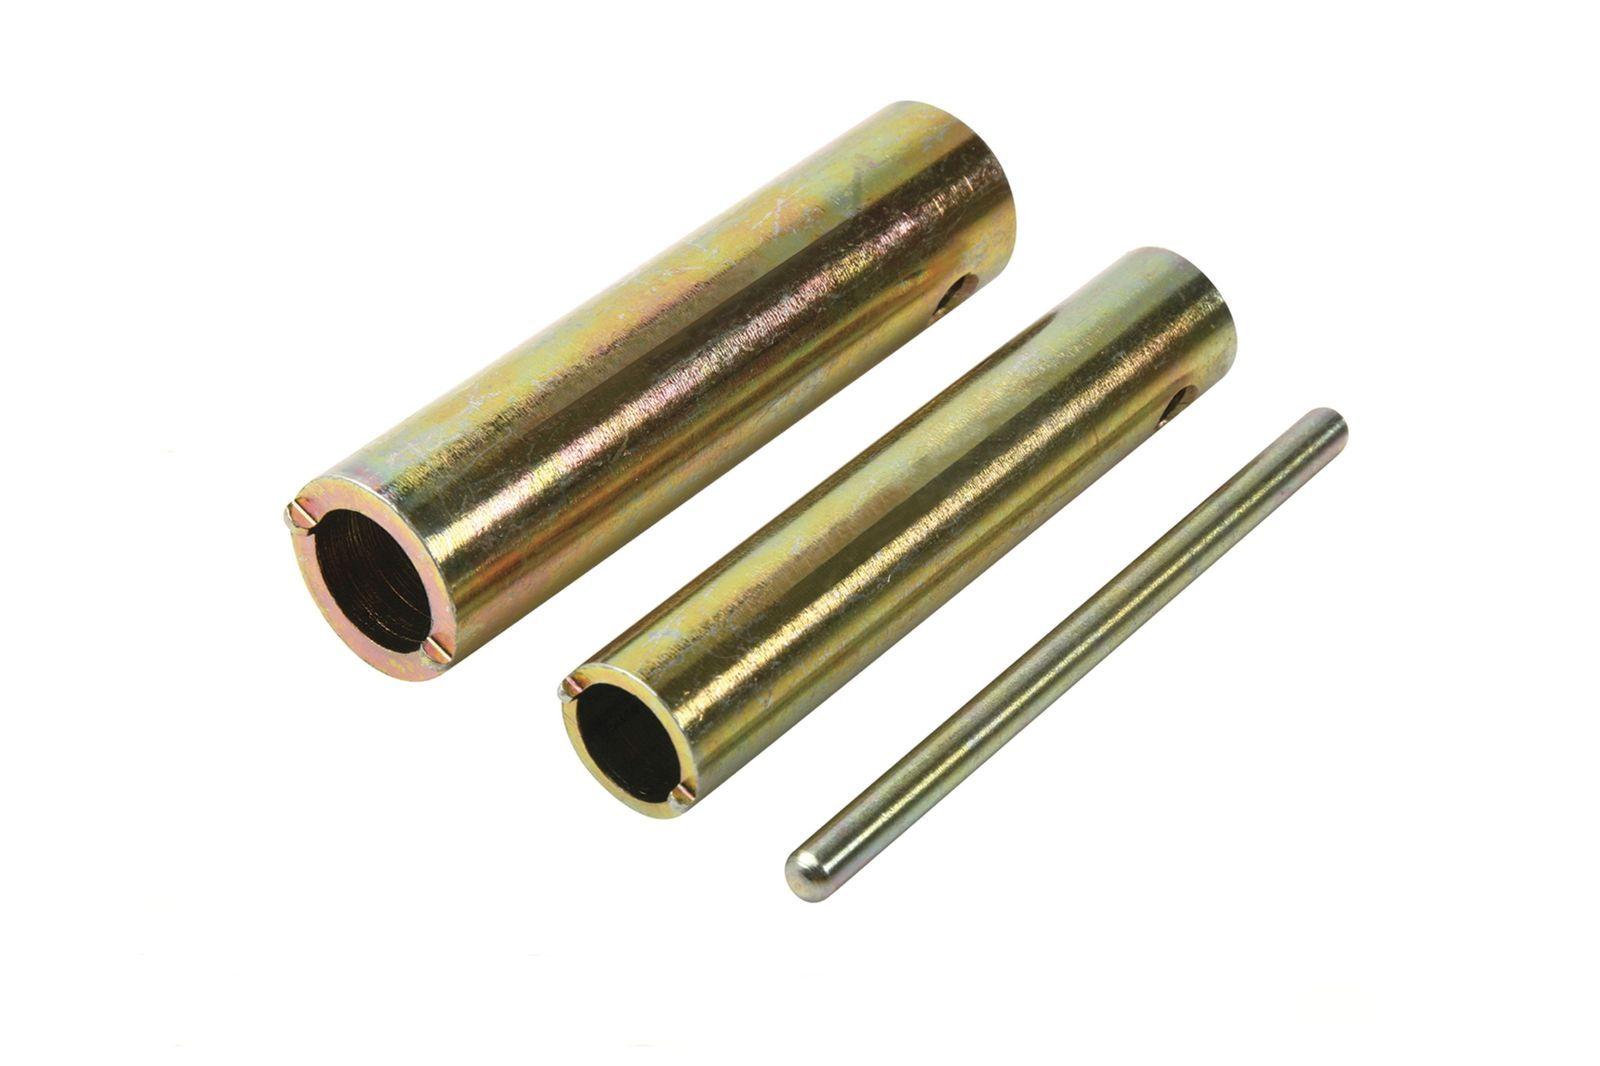 #Spezialwerkzeug zum Befestigen von verchromten Schalterrosetten , MM384-960